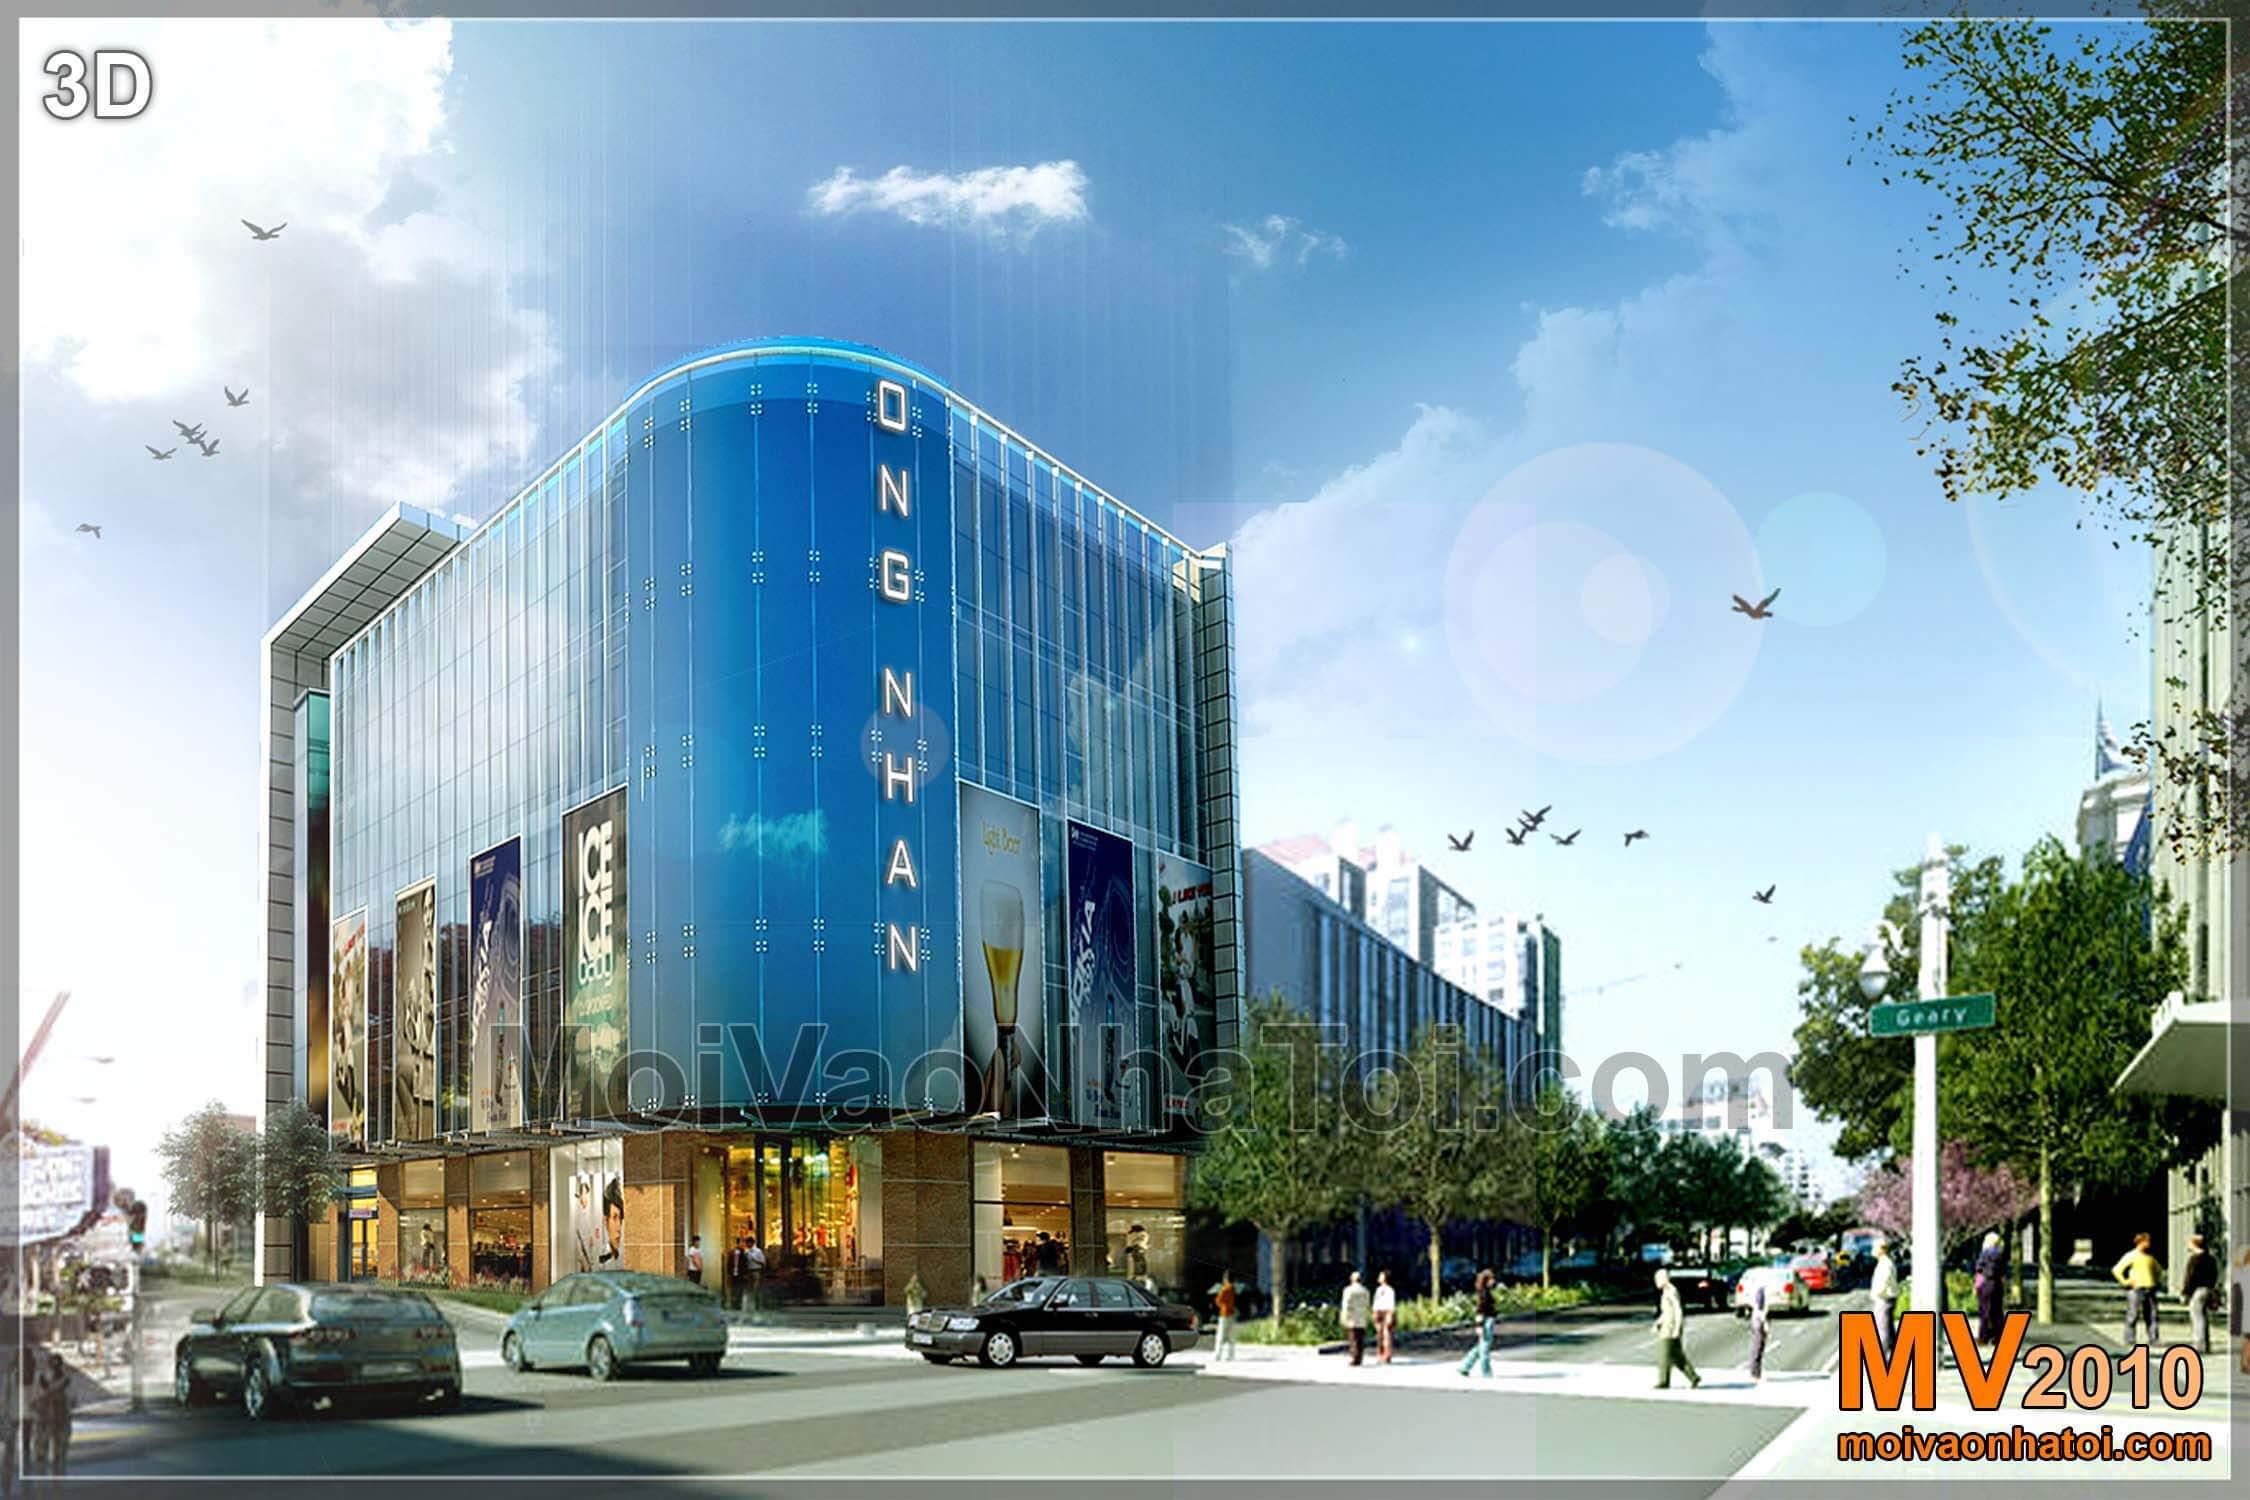 Thiết kế siêu thị Ông Nhân plaza Hà Tĩnh 400m2 x 6 tầng phong cách hiện đại